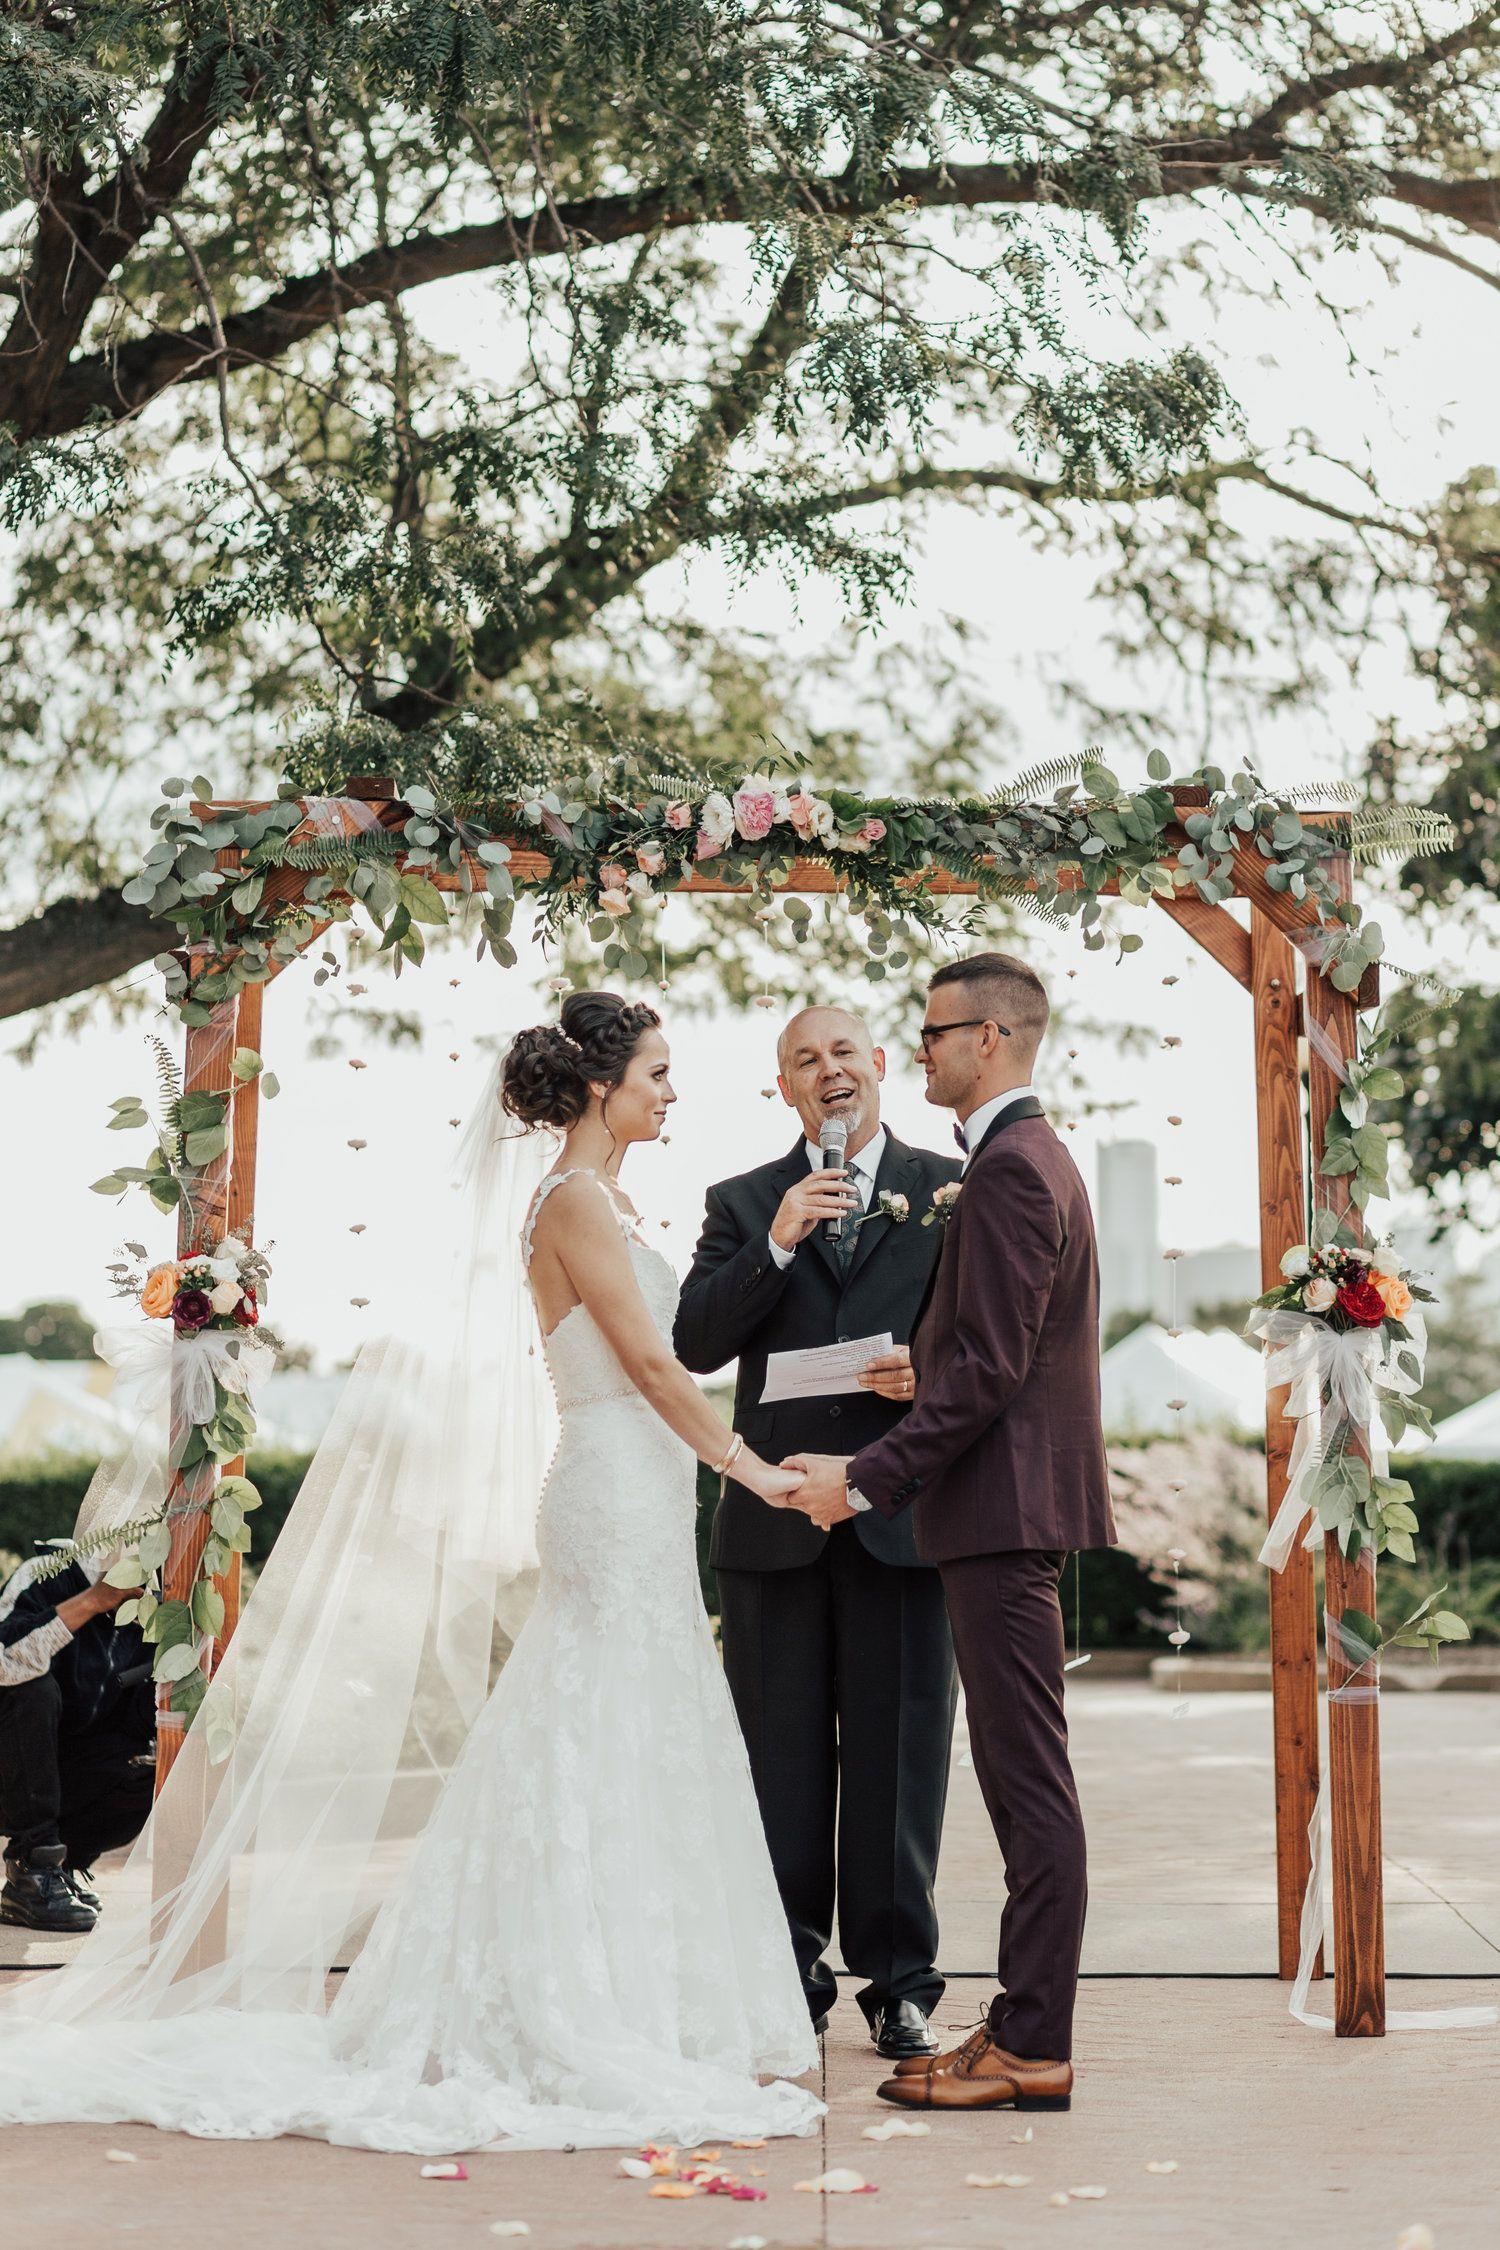 bourke wedding at belle isle casino   katie vonasek